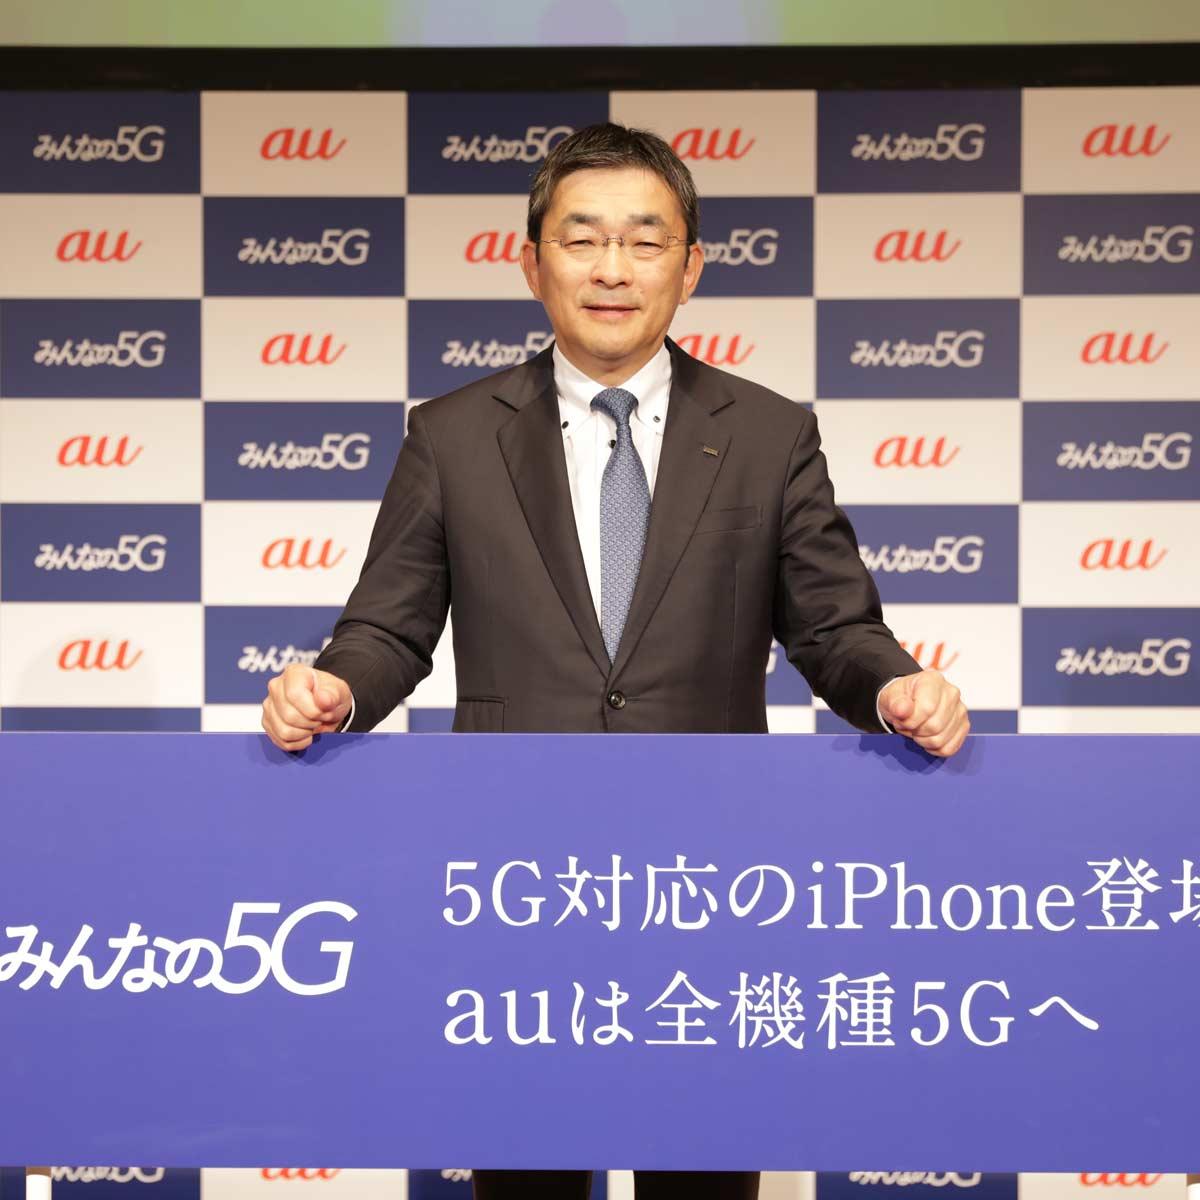 auが29歳まで対象の「auワイド学割」と、「iPhone 12」に対応したネットワーク機能を発表